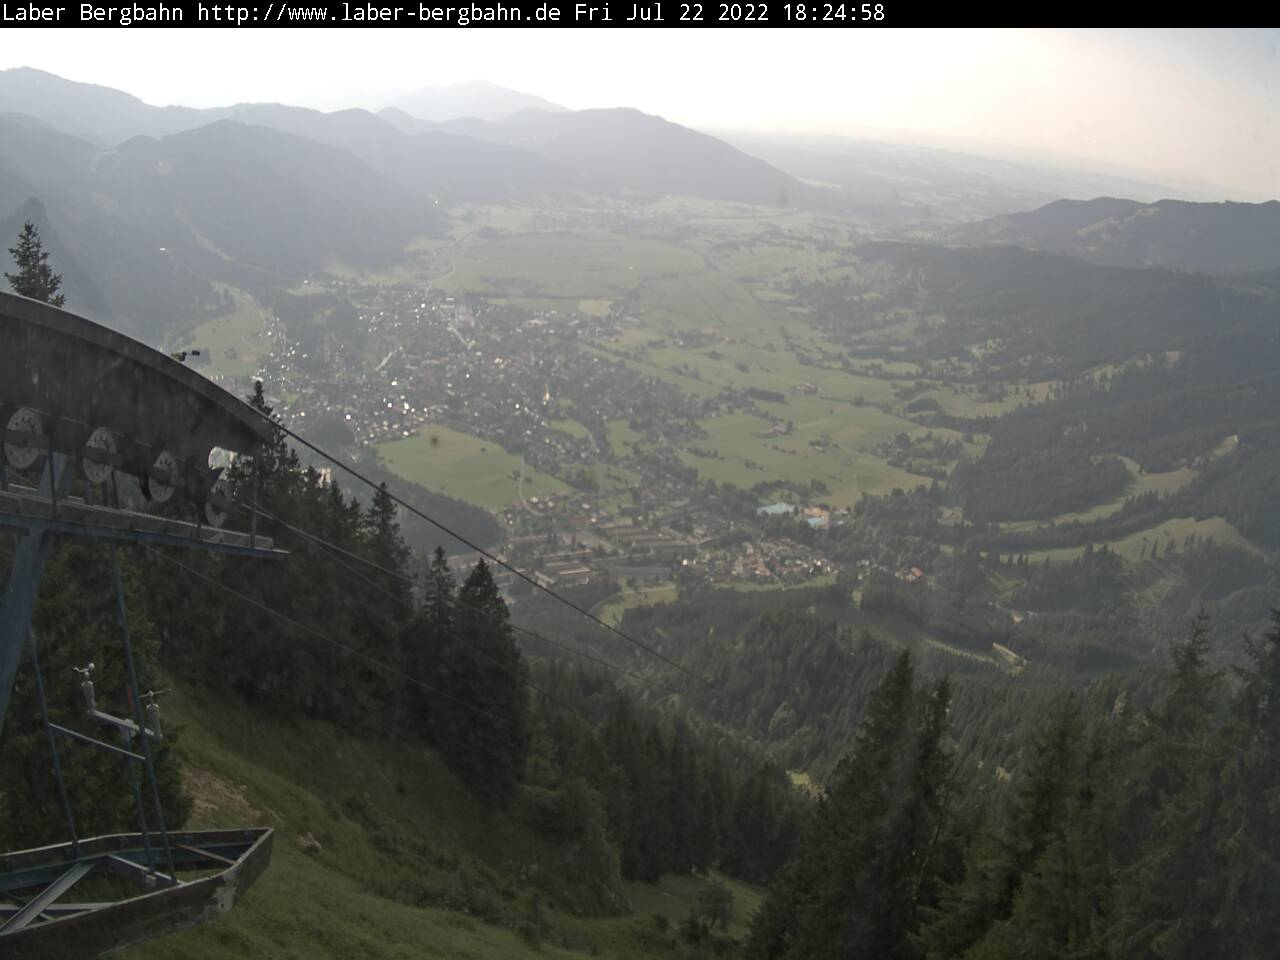 Webcam Skigebied Oberammergau - Laber nach Norden - Alpen Oberbayern